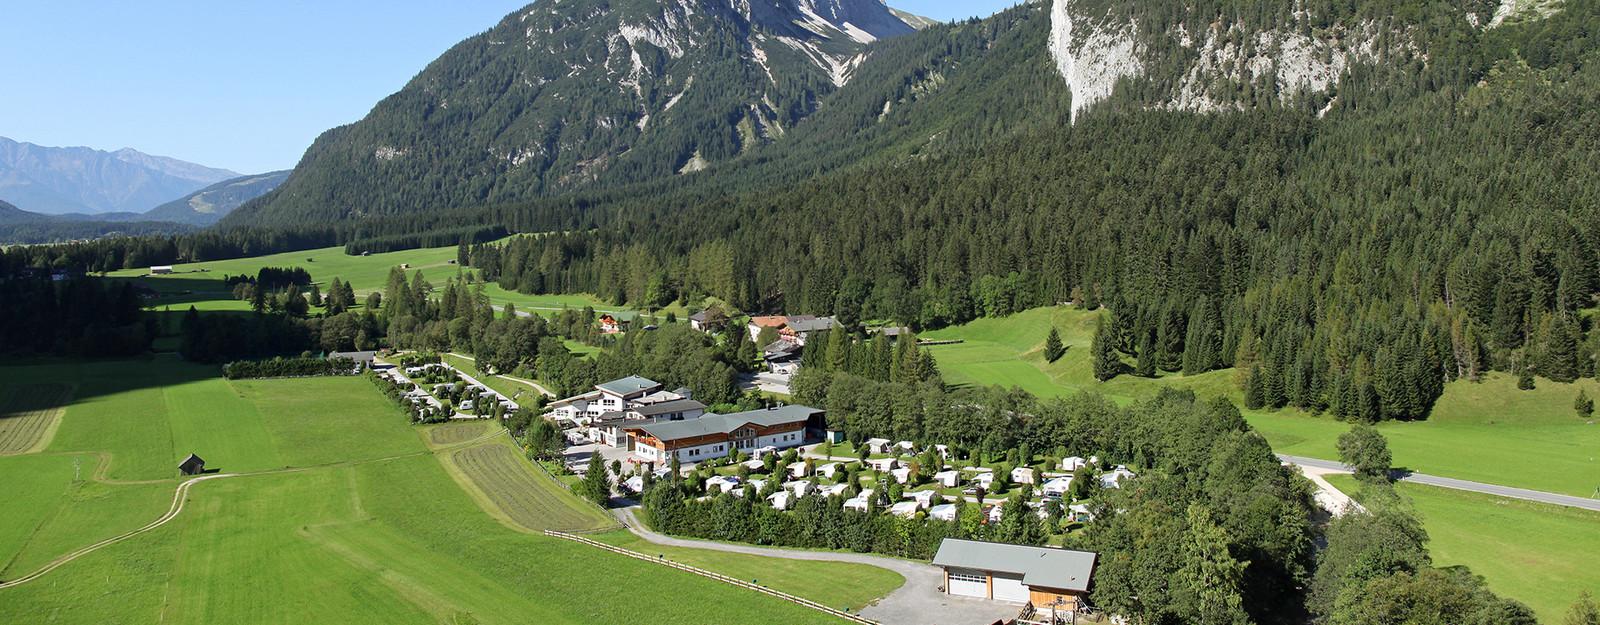 Campingplatz Leutasch in Oostenrijk is dit jaar overgenomen door EuroParcs en wordt de komende periode compleet vernieuwd.